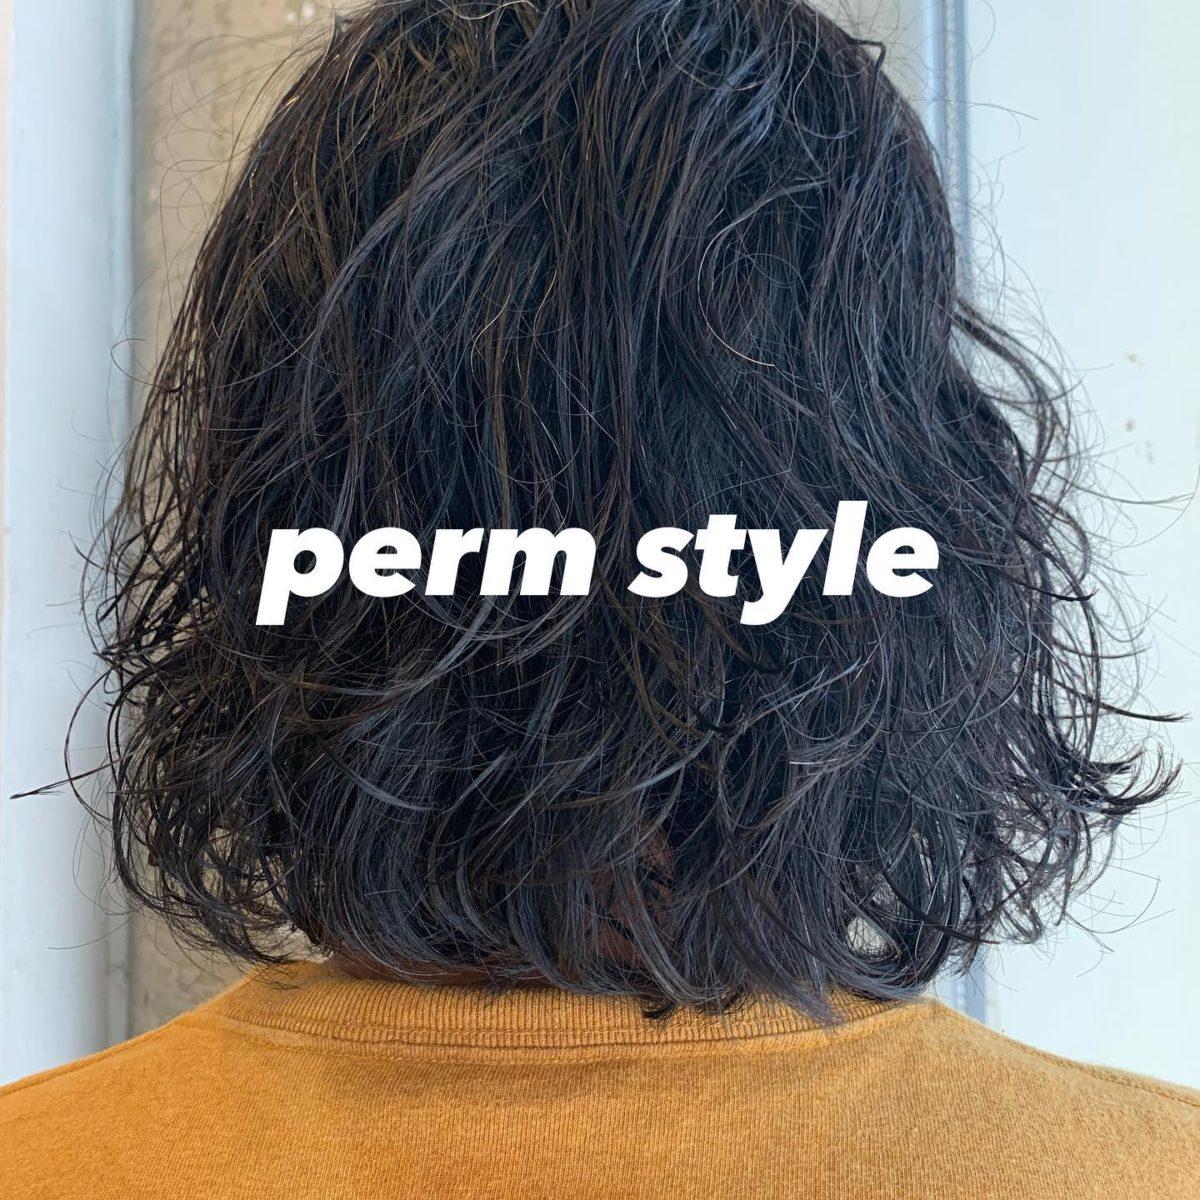 perm style 自然乾燥でオイル・ワックスなどスタイリングをもみ込んで楽チンセット🏻  men'sの方にもオススメ 無造作なヘアアレンジにも役立ちそう ウエットに仕上げるのがかっこいいですね🏻♀️  気軽にご相談くださいませ。  8/17〜8/21までお店の夏休みです 週末のご予約混み合う恐れがありますのでお早めにご連絡いただけると嬉しいです🏻♀️  #オラプレックス #パーマ #アルマダスタイル  敷島店︎0272102115 岩神店︎0272265556 _________________________________________ check quintetto HP︎︎︎www.quintetto-hair.com